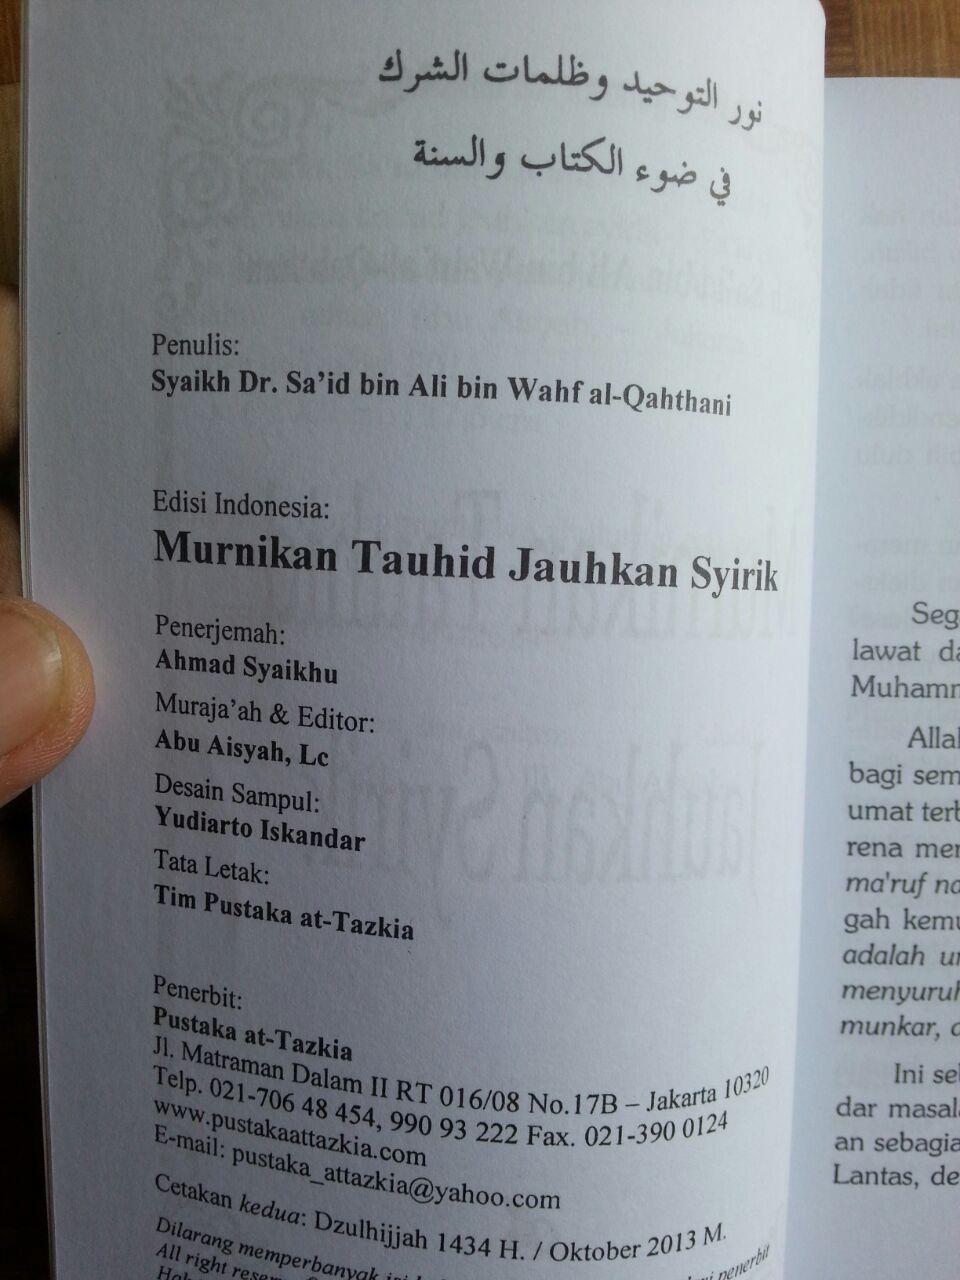 Buku Murnikan Tauhid Jauhkan Syirik isi 2